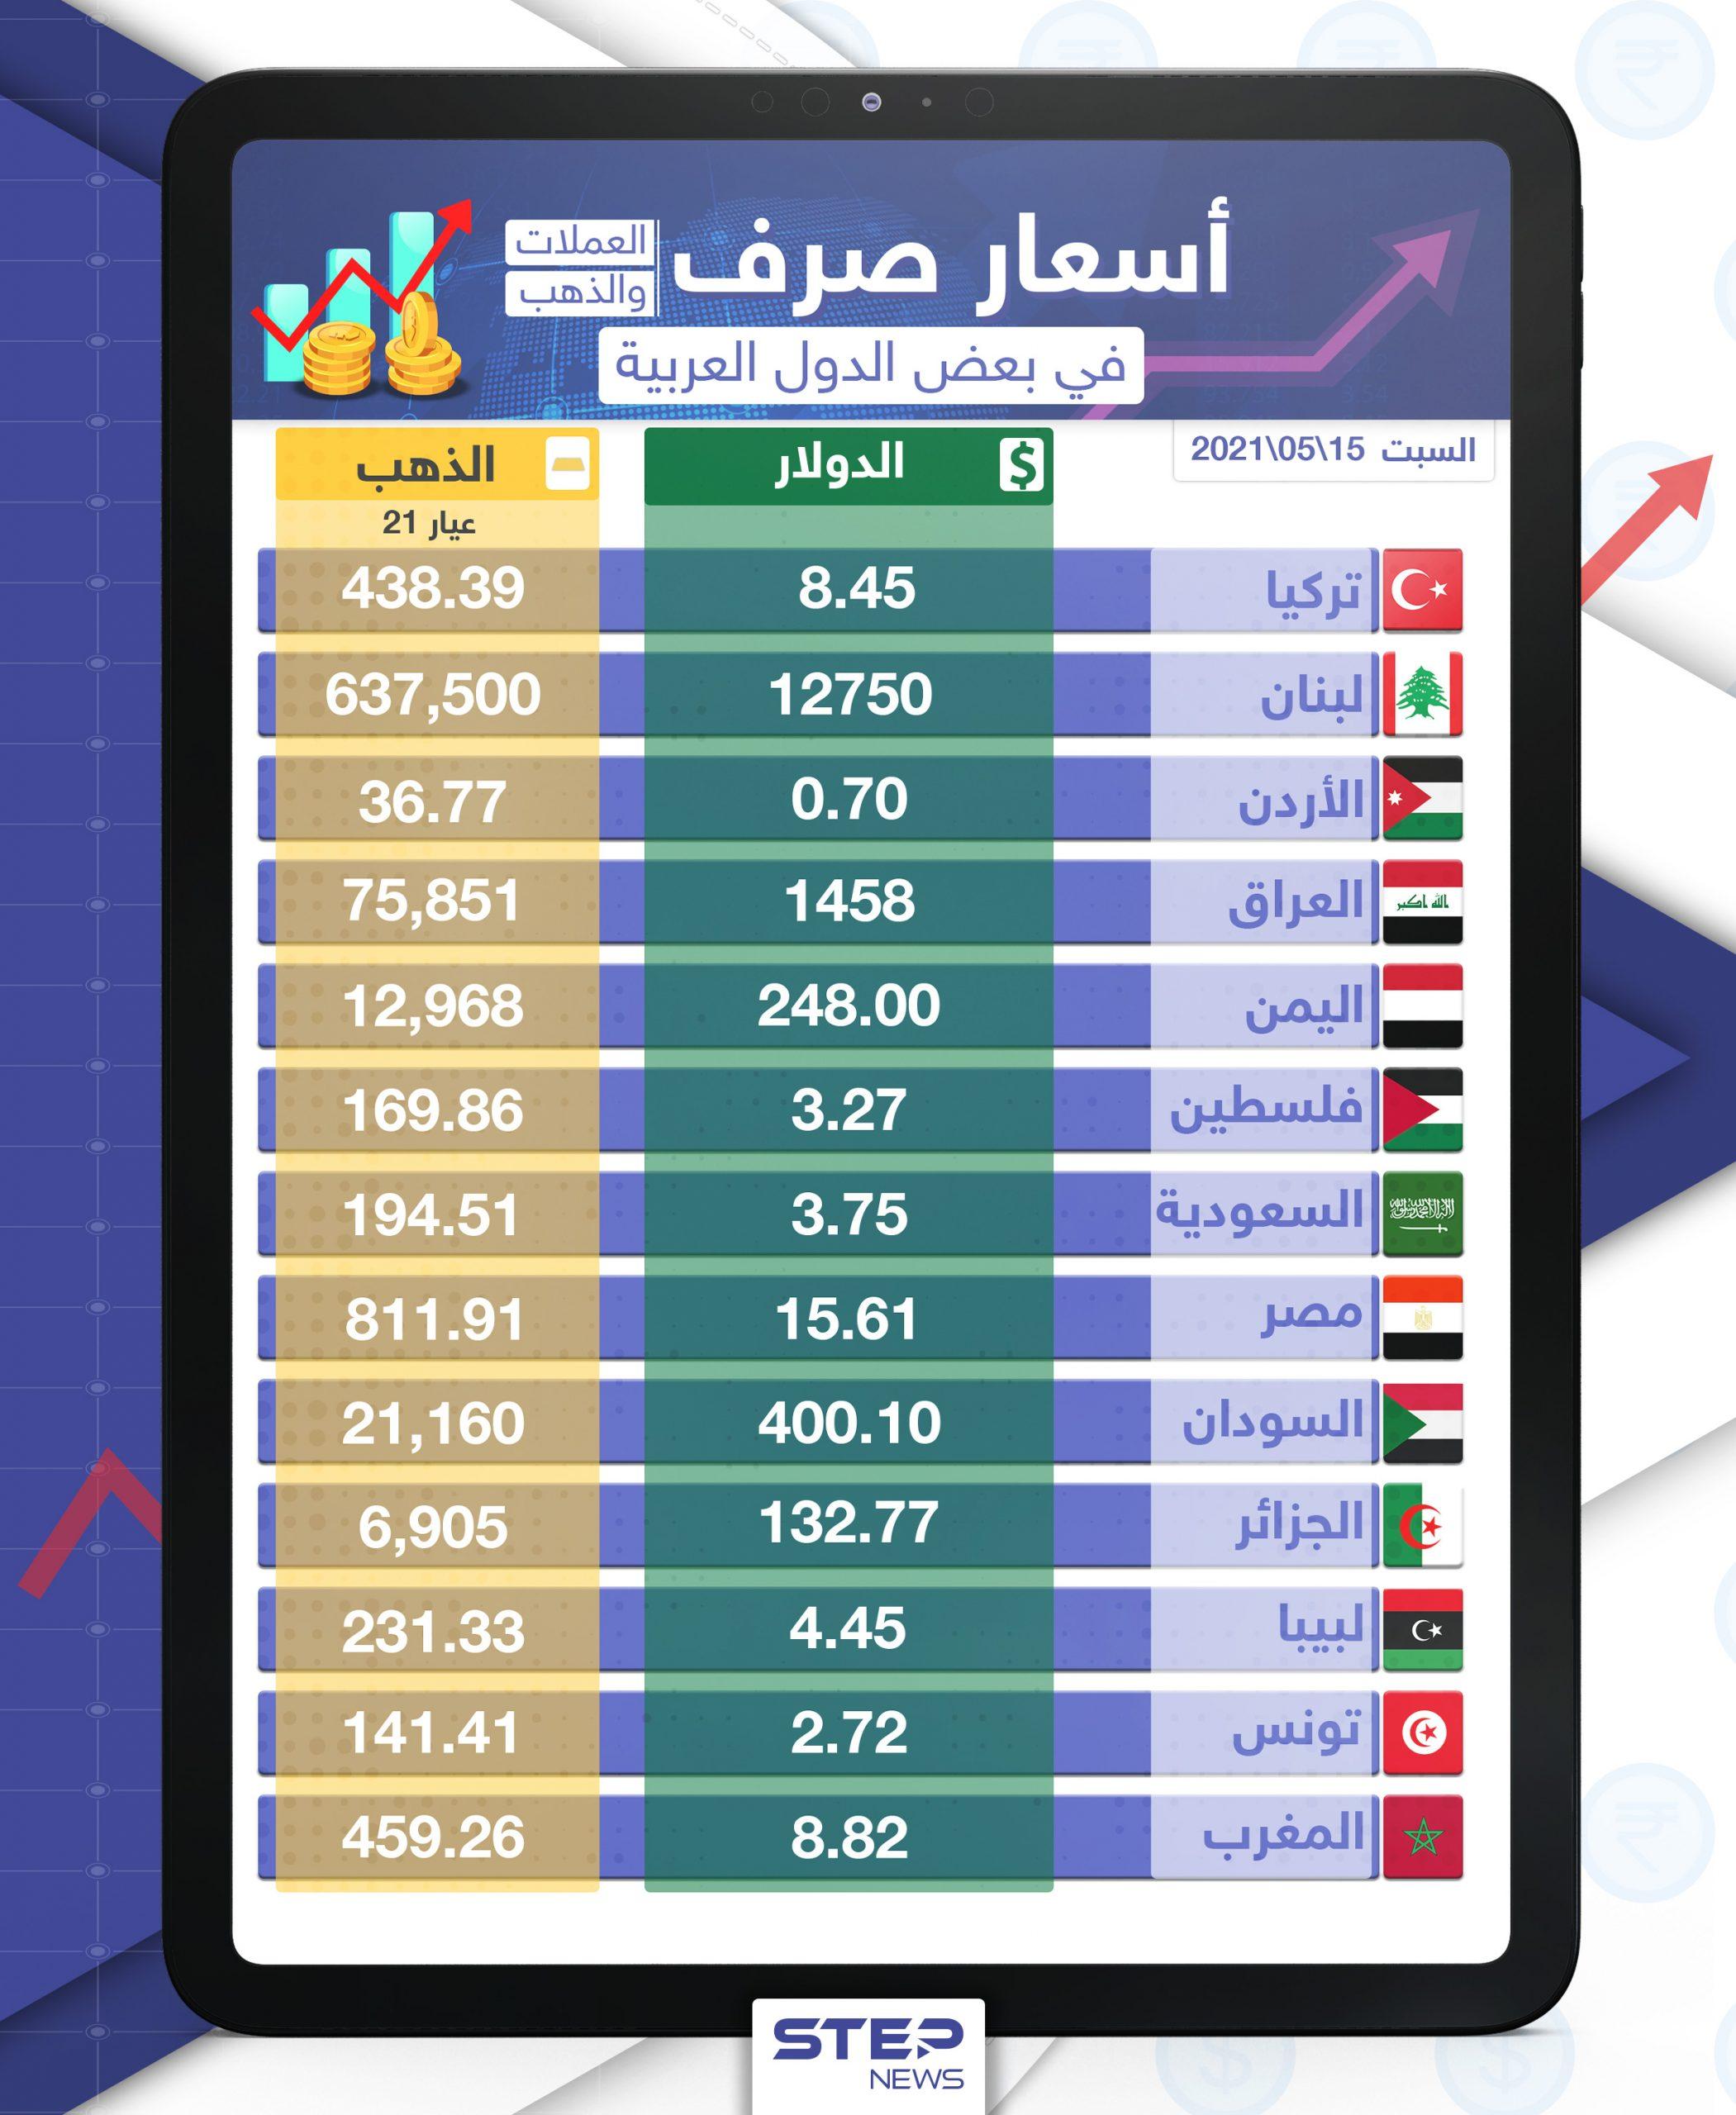 أسعار الذهب والعملات للدول العربية وتركيا اليوم السبت الموافق 15 أيار 2021